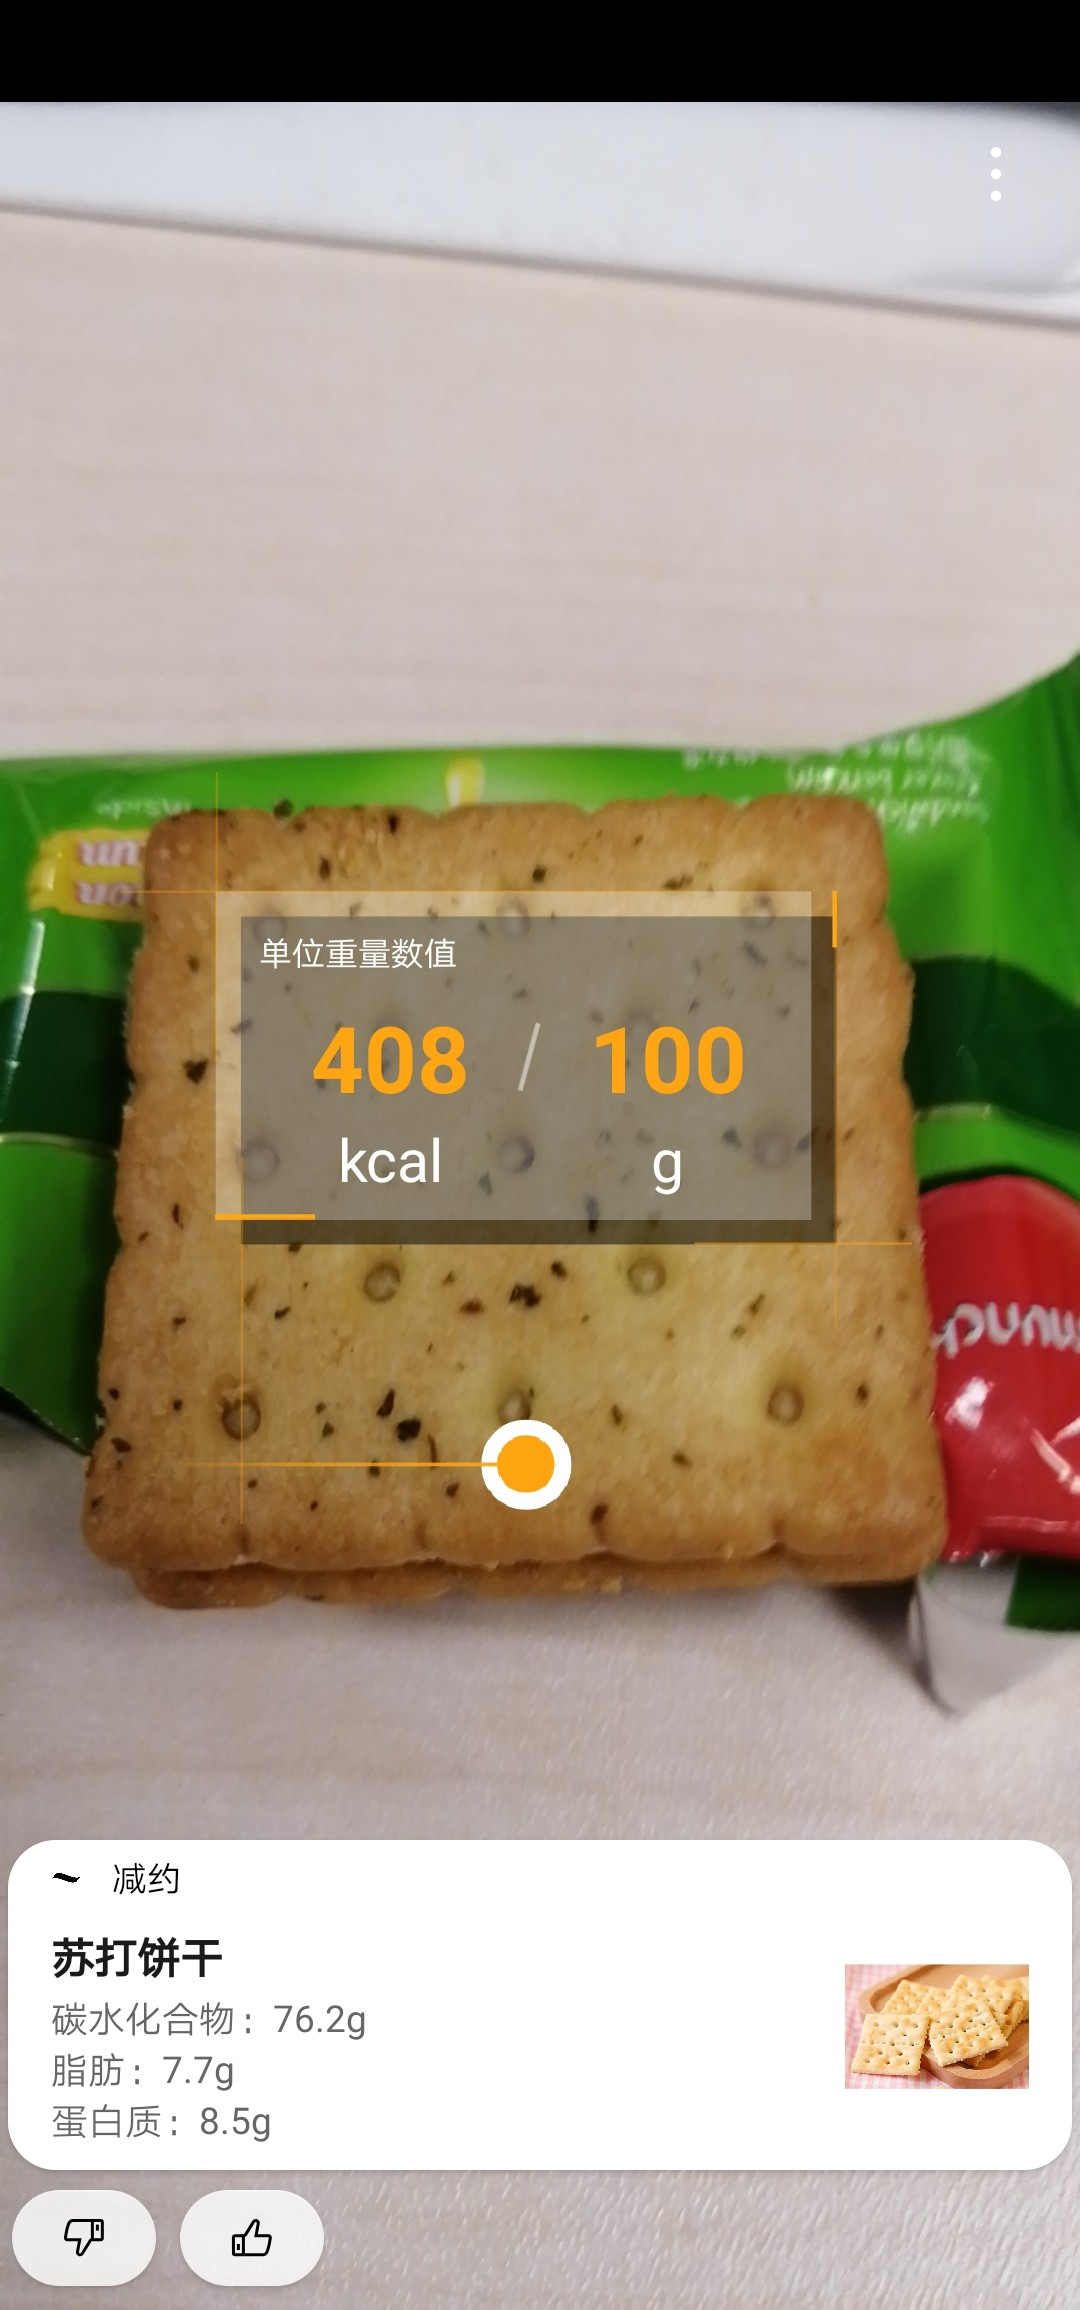 华为nova5i(8+128GB)手机功能界面第3张